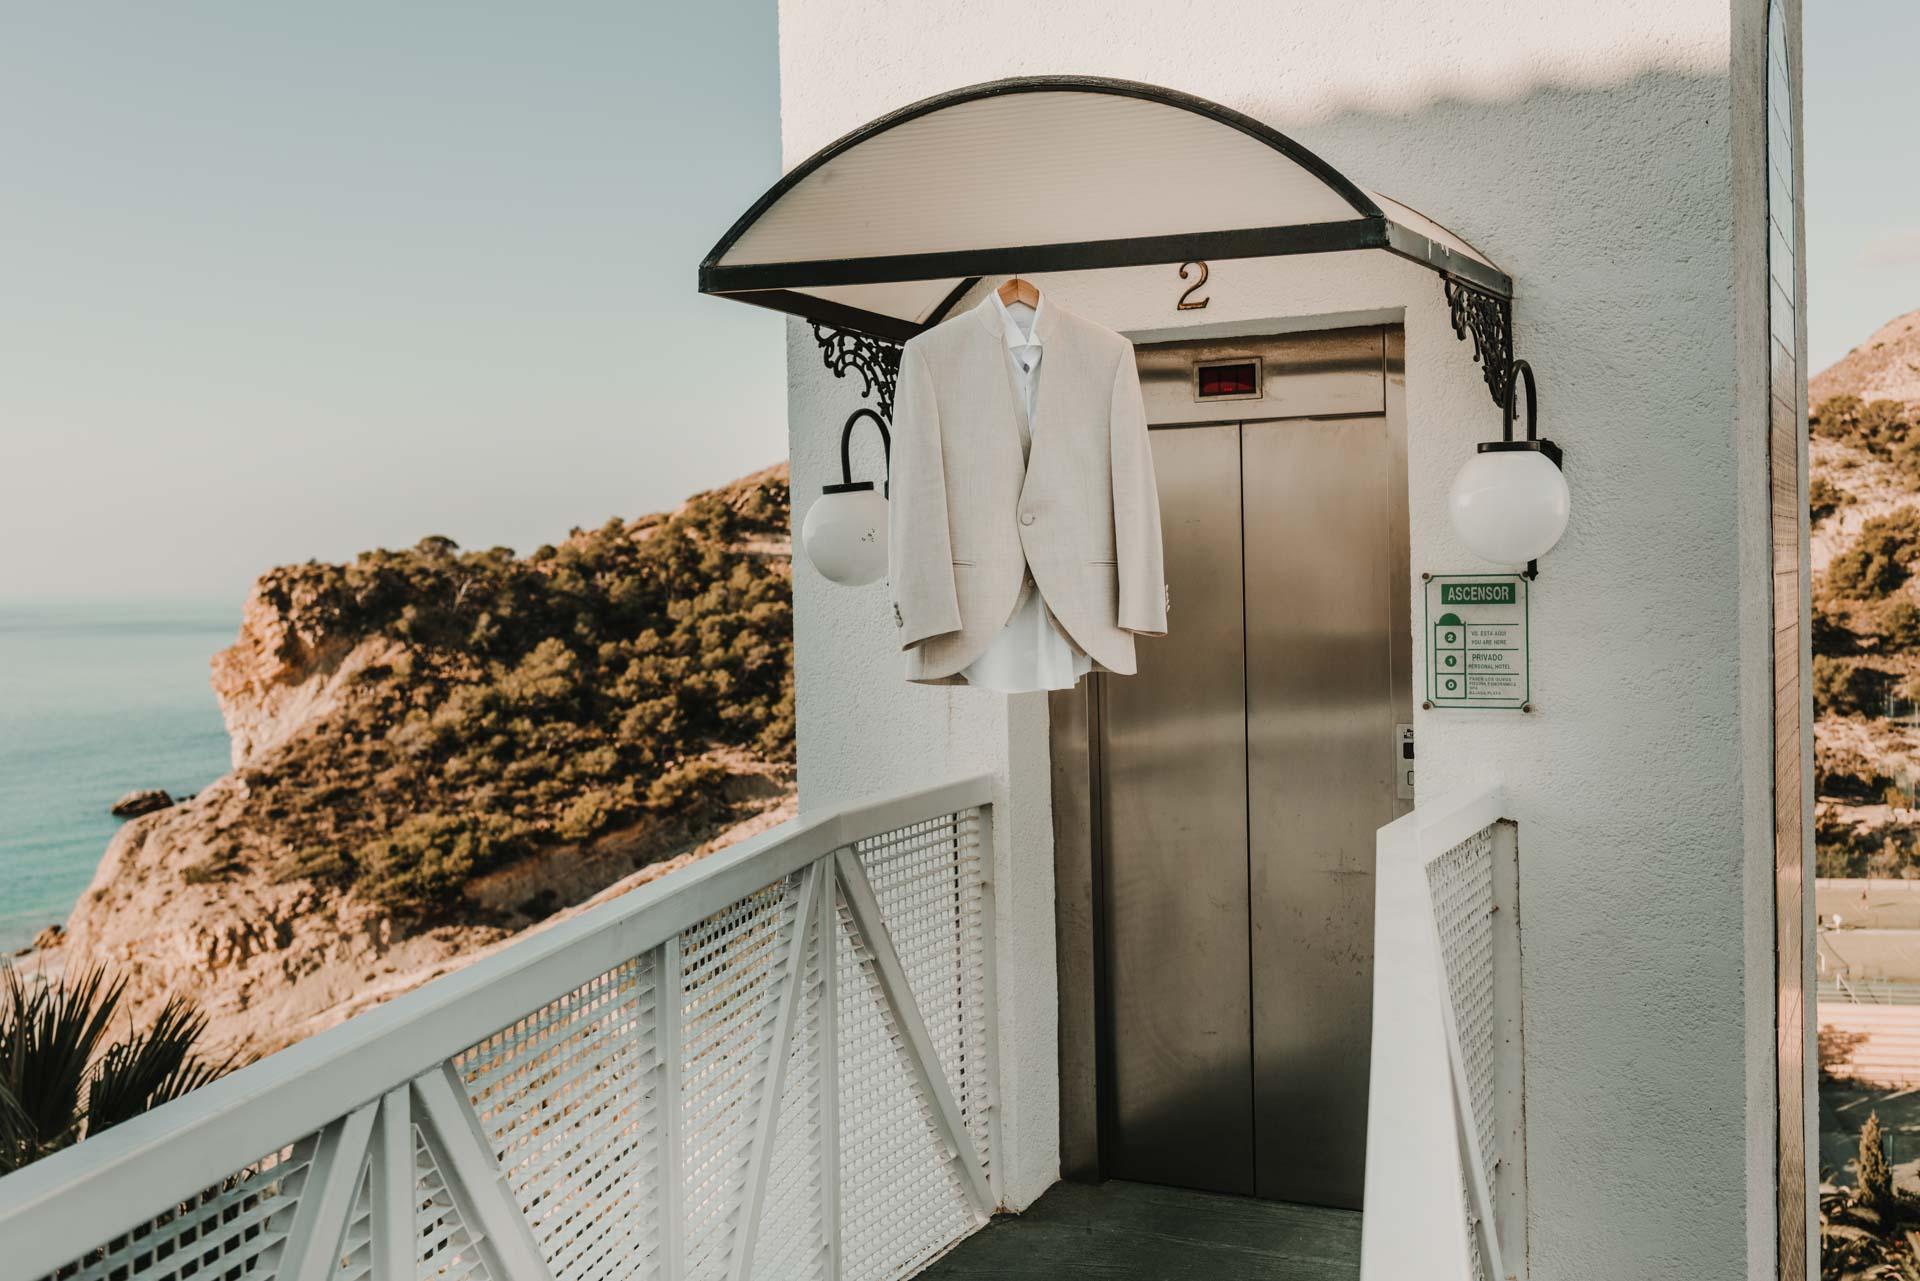 Boda de Alicia e Ismael – Fotografía de boda en Alicante y Murcia